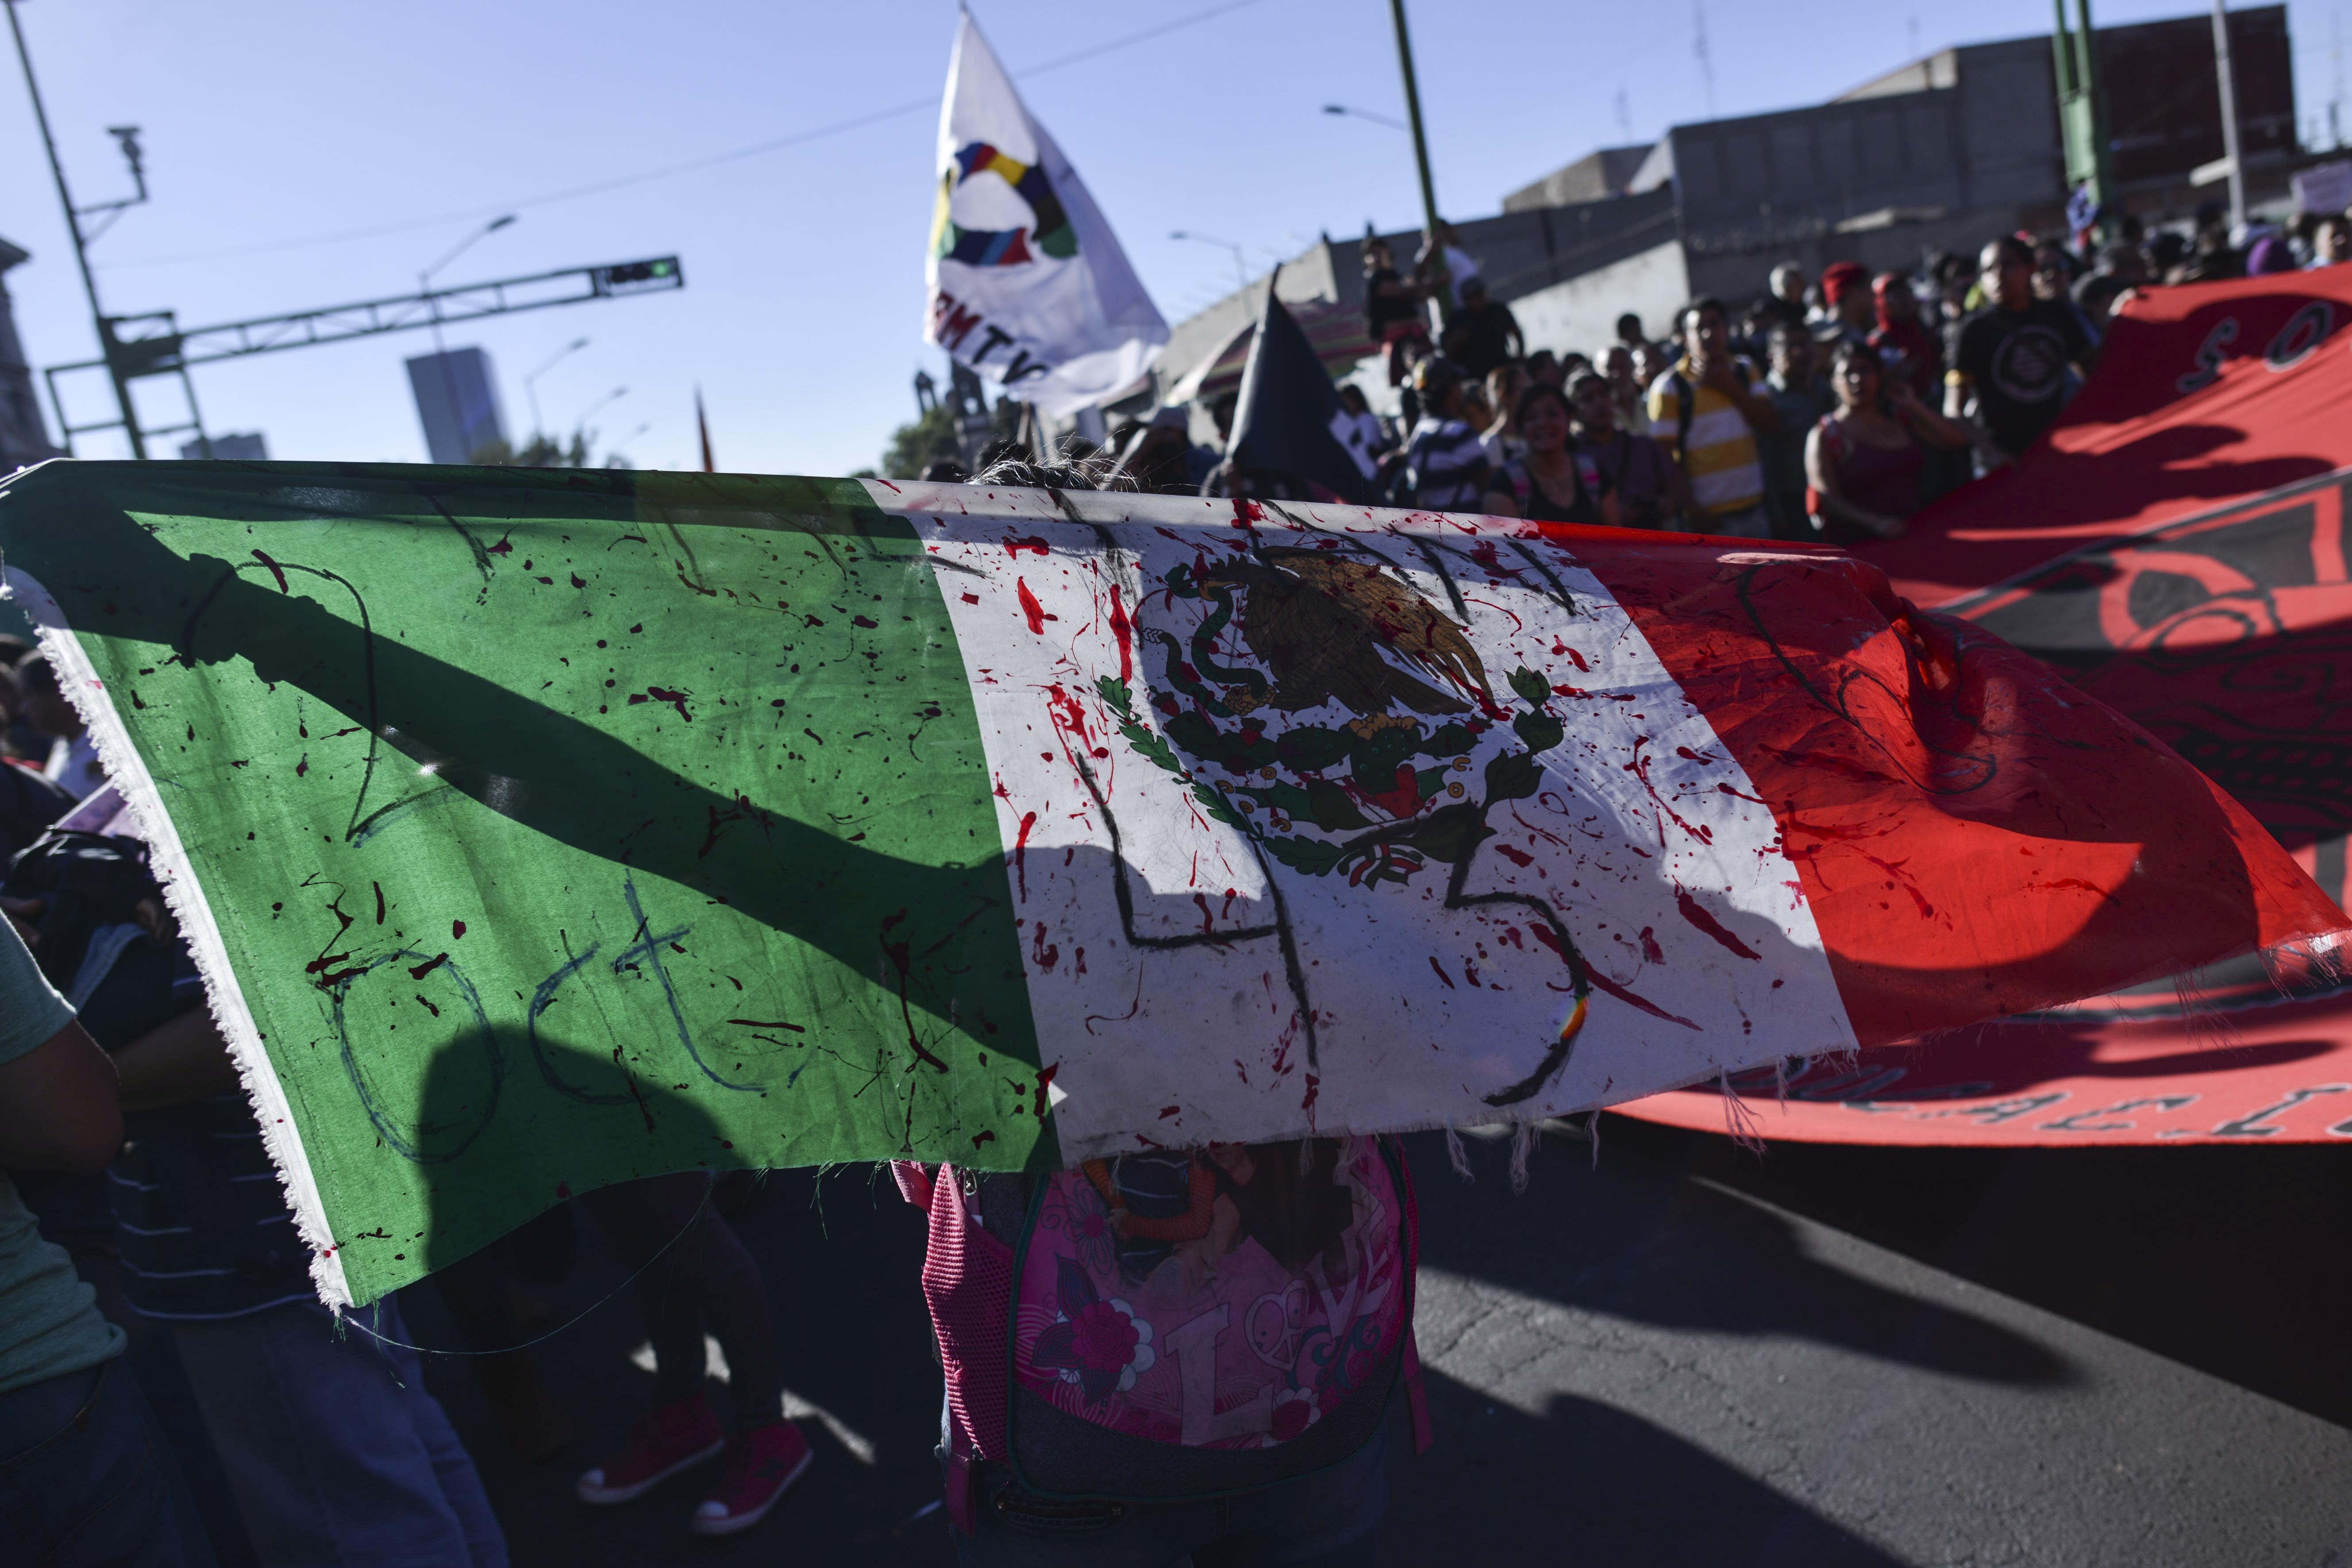 MÉXICO, D.F., 02OCTUBRE2015.- En el 27 aniversario de la masacre estudiantil del 02 de octubre de 1968, ex líderes estudiantiles agrupados en el Comité del 68, los padres de los 43 normalistas desaparecidos de Ayotzinapa, organizaciones sociales y estudiantiles (UNAM, IPN, UAM, UACM, entre otras), realizaron una marcha de la Plaza de las Tres Culturas en Tlatelolco al Zócalo capitalino.  FOTO: ADOLFO VLADIMIR /CUARTOSCURO.COM